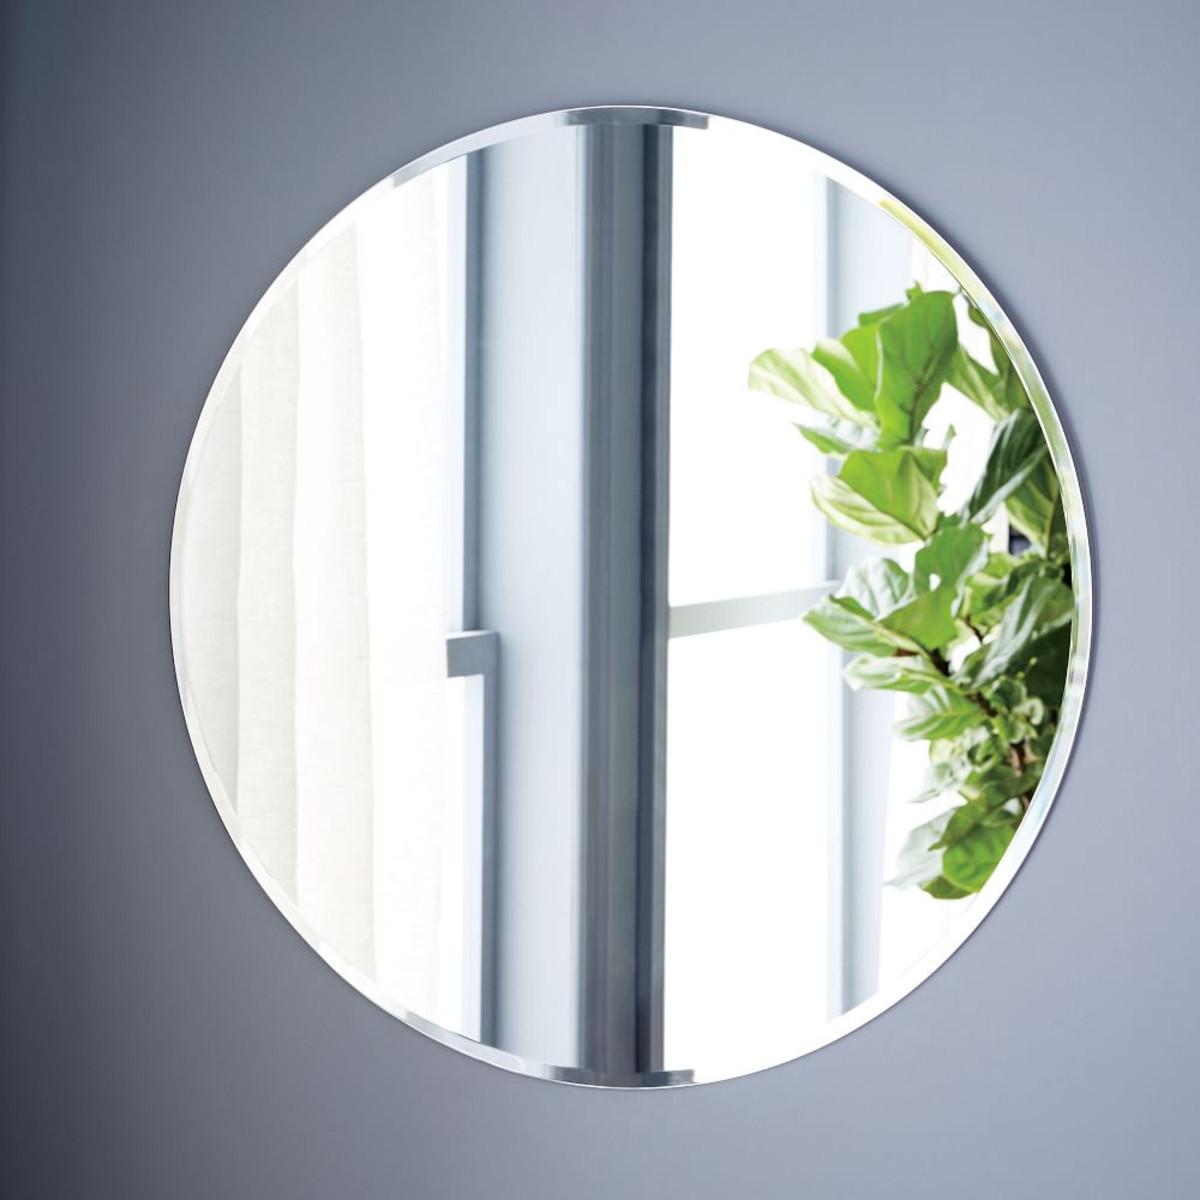 Round/curved/원 슬라이딩 강화 (gorilla glass) 샤워 문